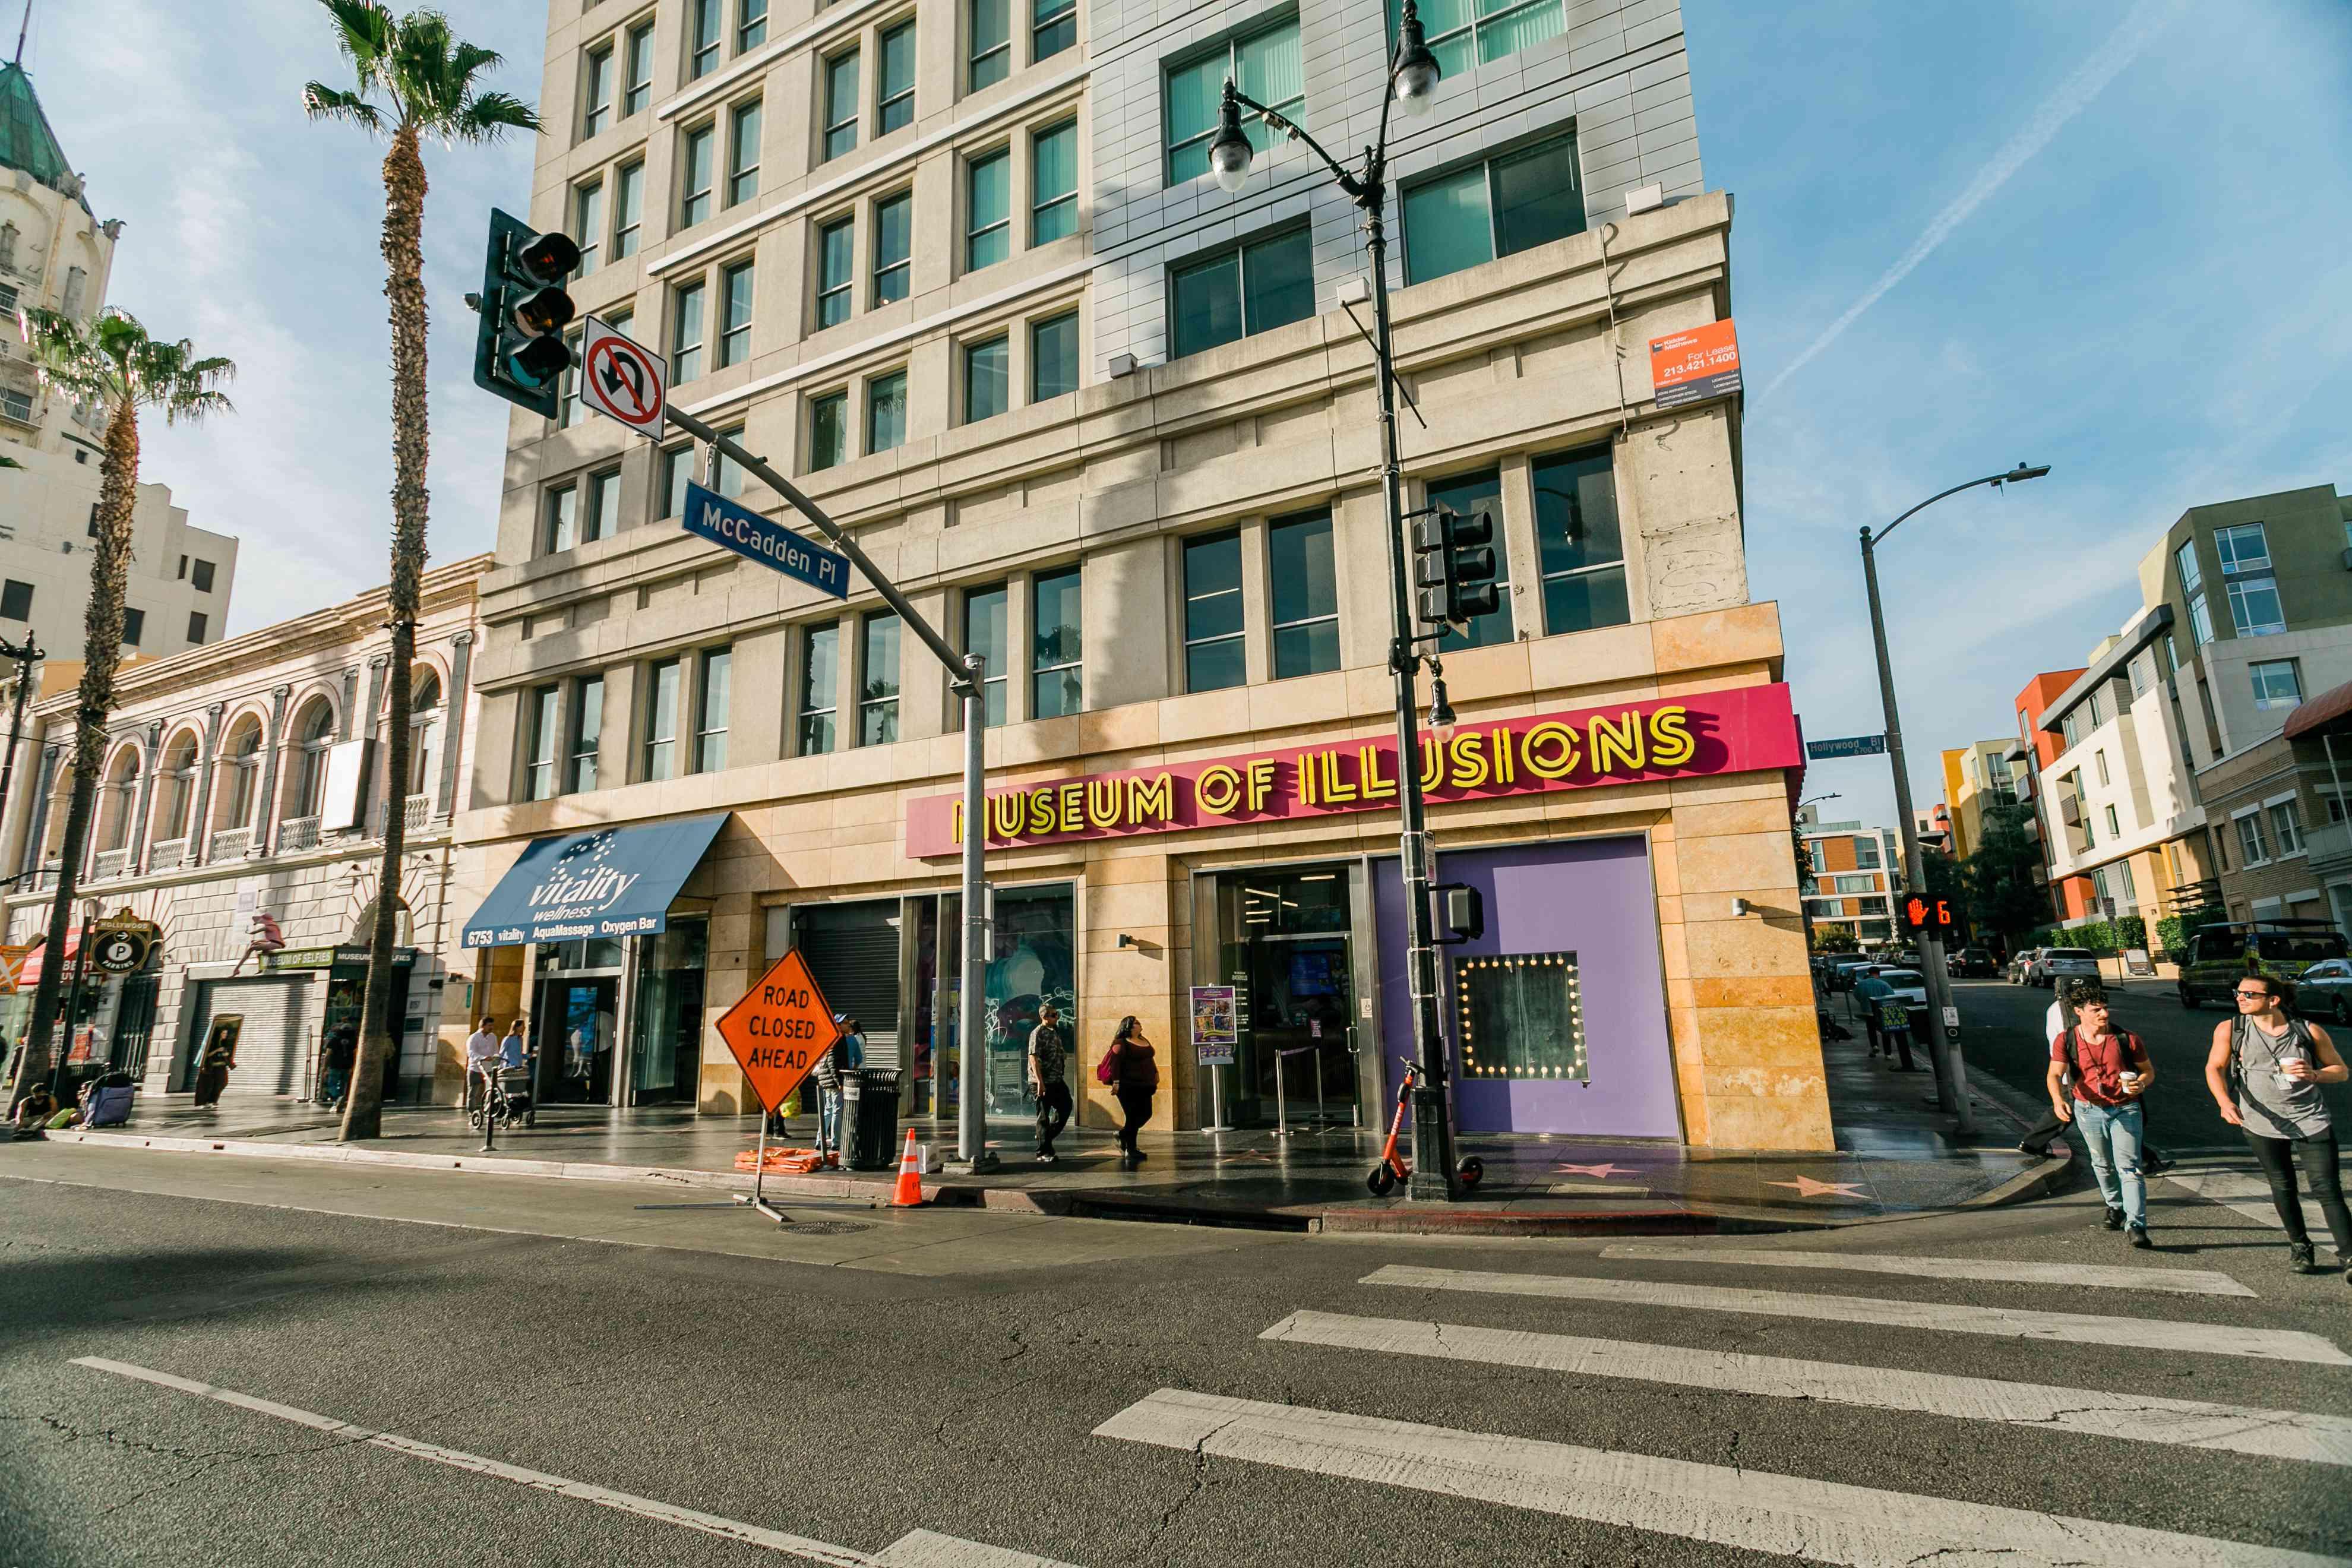 The Museum of Broken Relationships in Los Angeles, CA